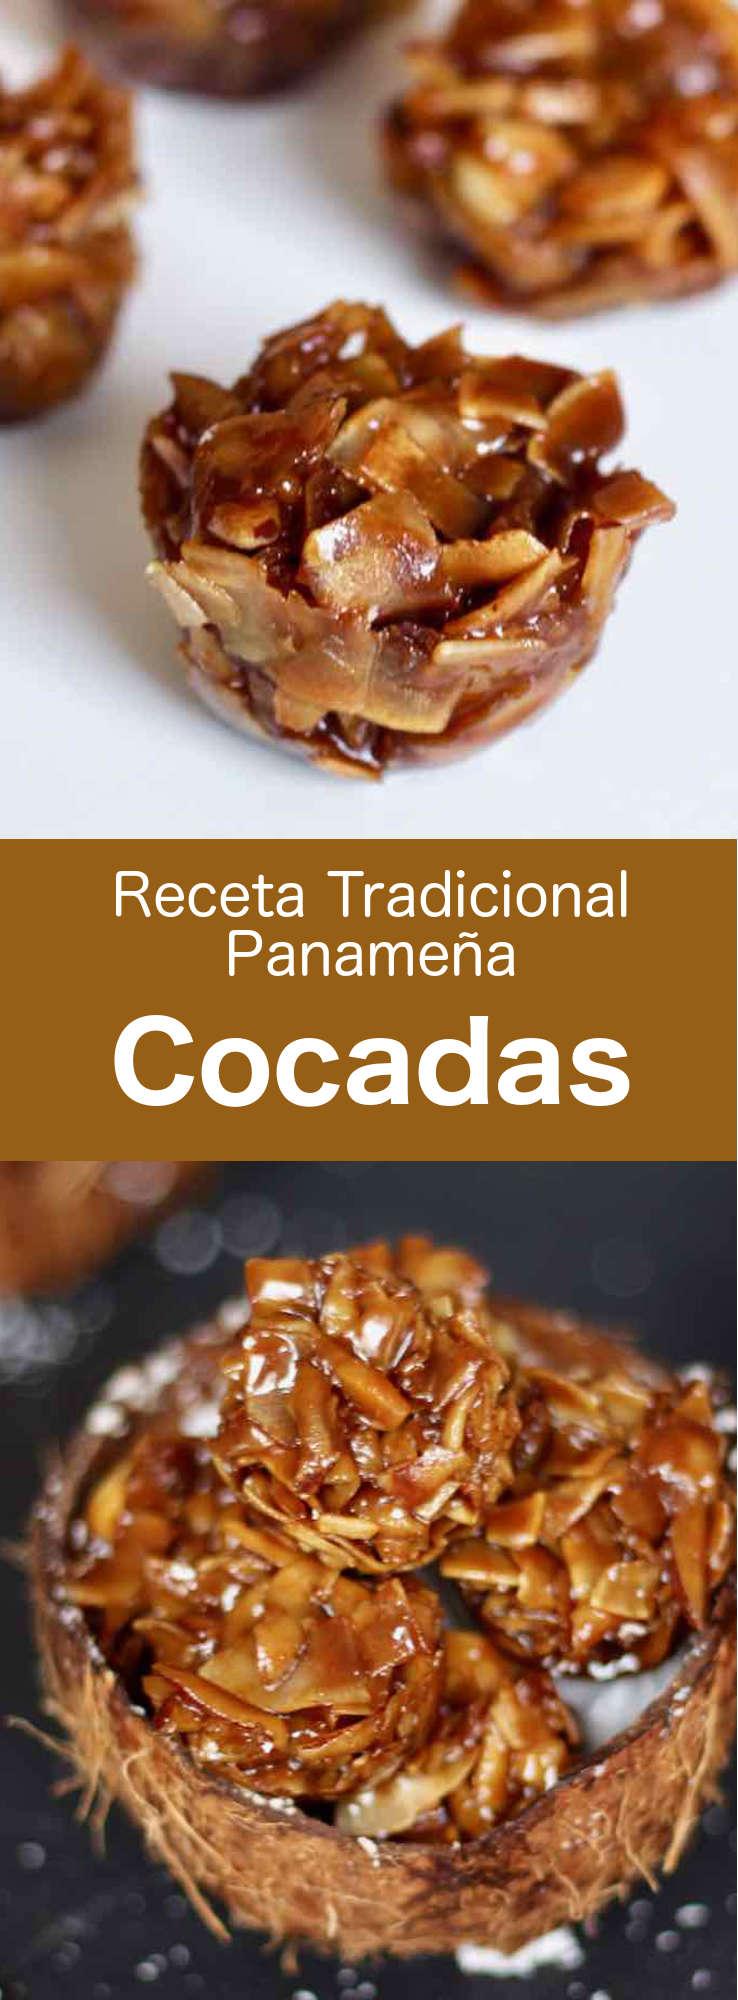 Las cocadas son pequeños dulces caramelizados hechos con coco fresco y panela, originarios de España y populares en toda América Latina. #Panama #RecetaPanameña #196flavors